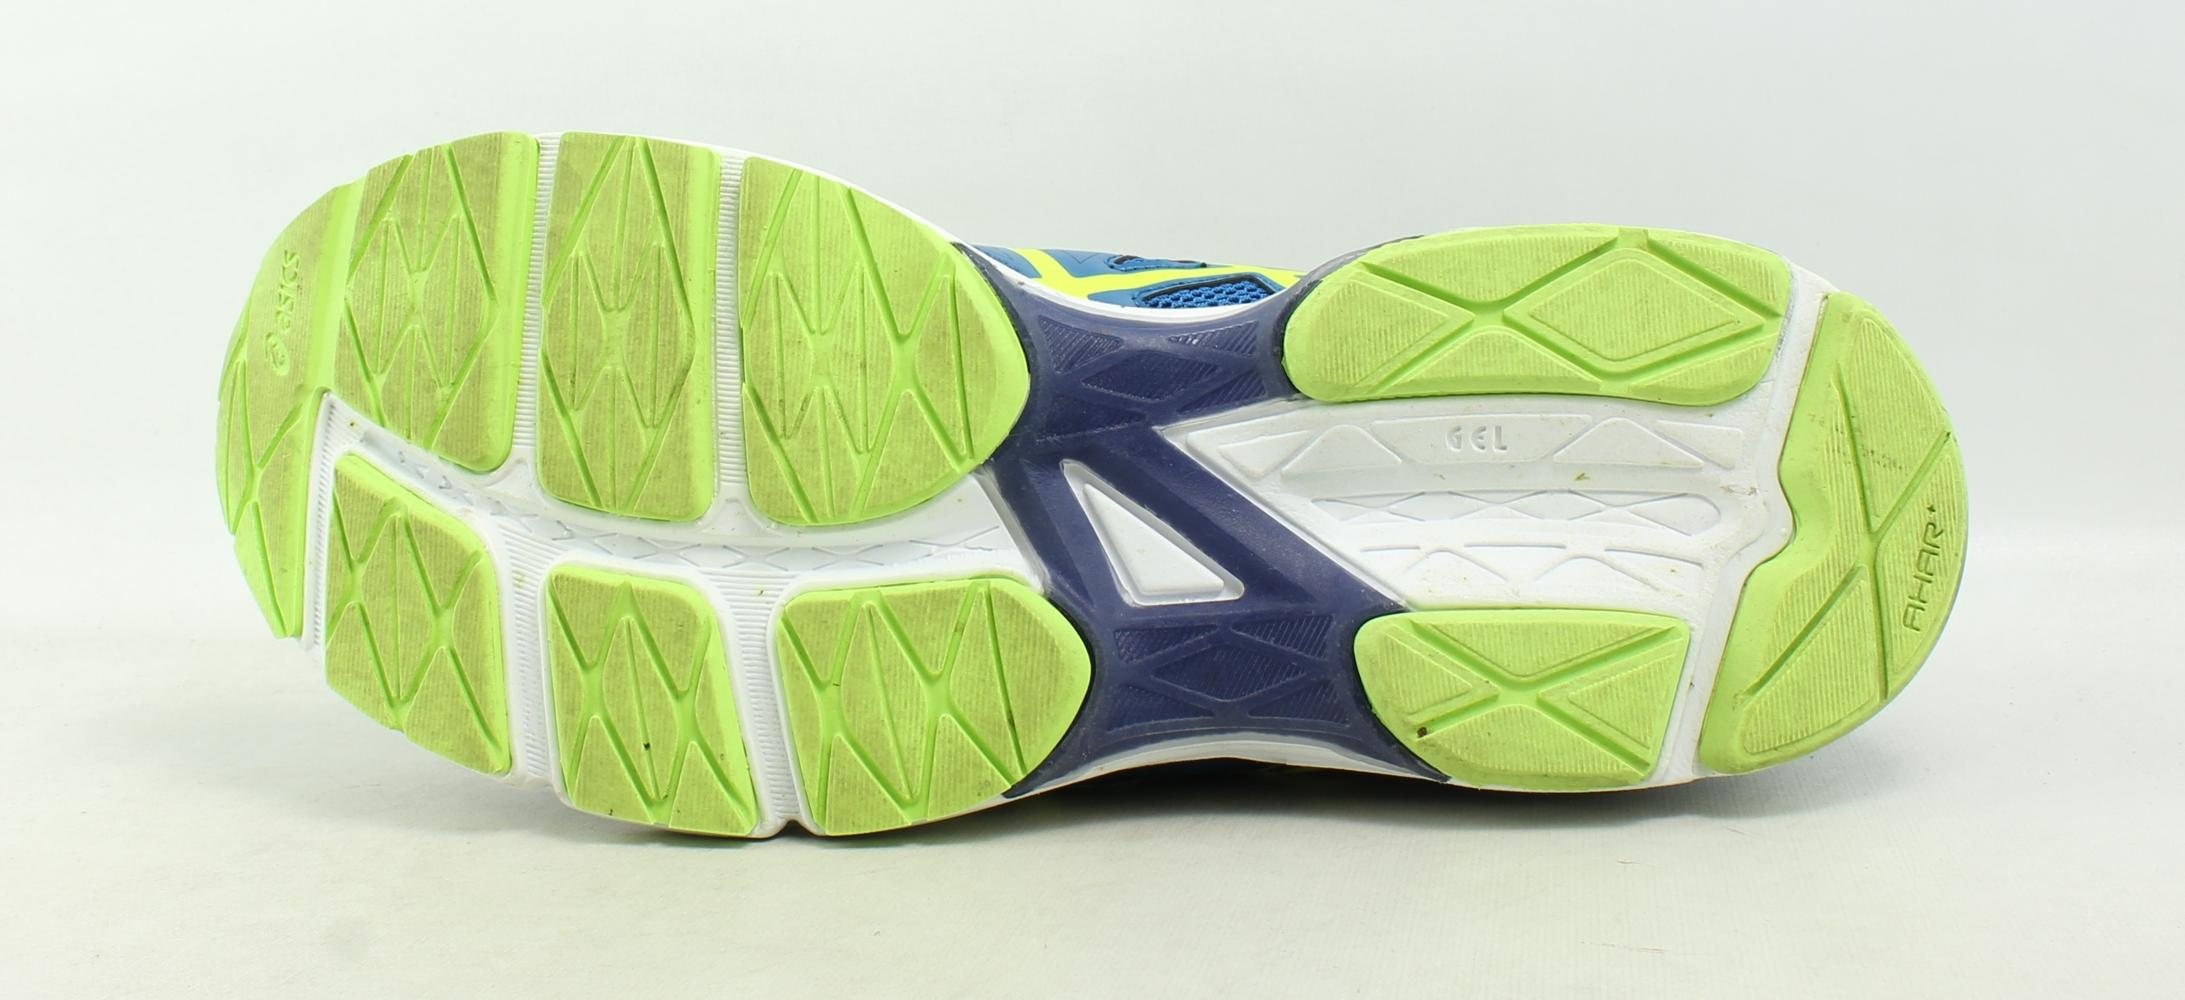 ASICS  ThunderBlau/SafetyYellow/IndigoBlau Uomo Gel Exalt 3 ThunderBlau/SafetyYellow/IndigoBlau  Running Schuhes Größe 9 18e21d